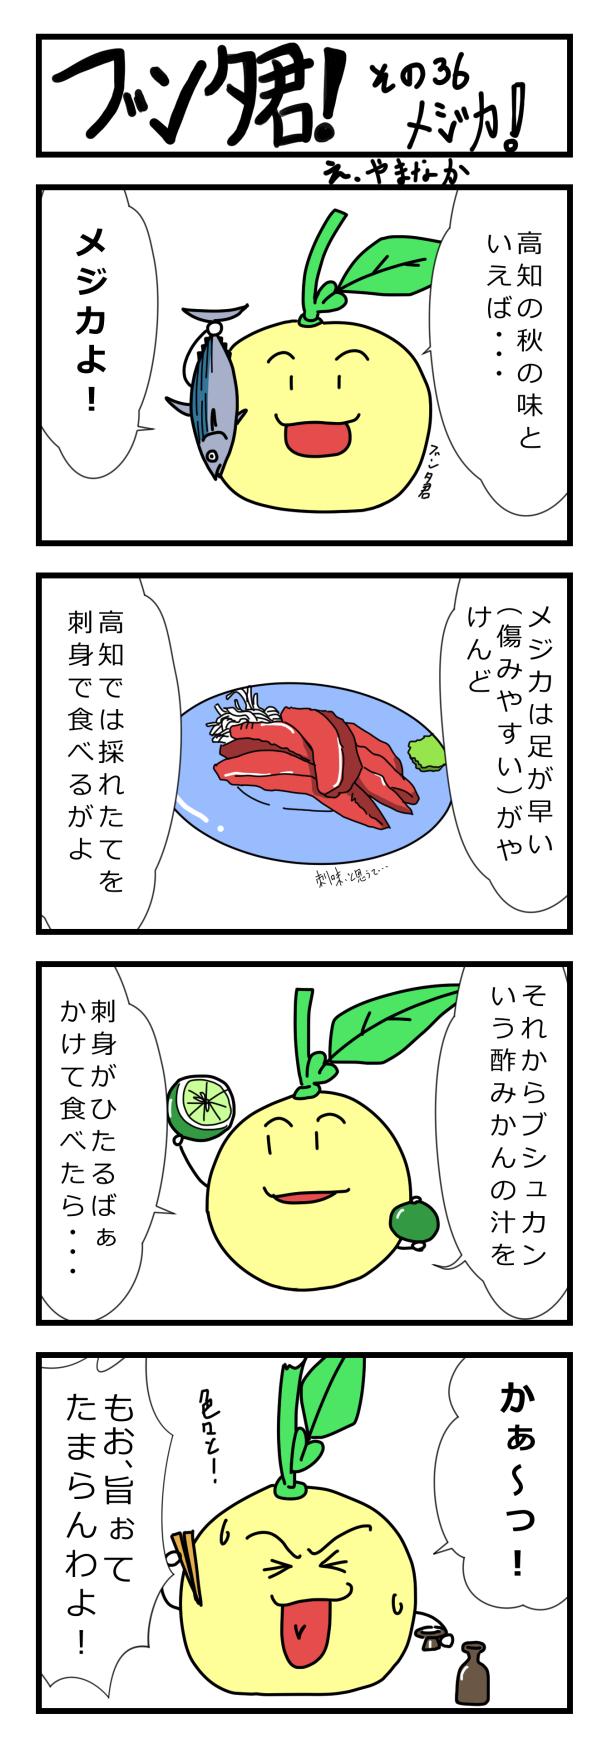 月刊WEBマンガ「ブンタ君!」最新話配信中!